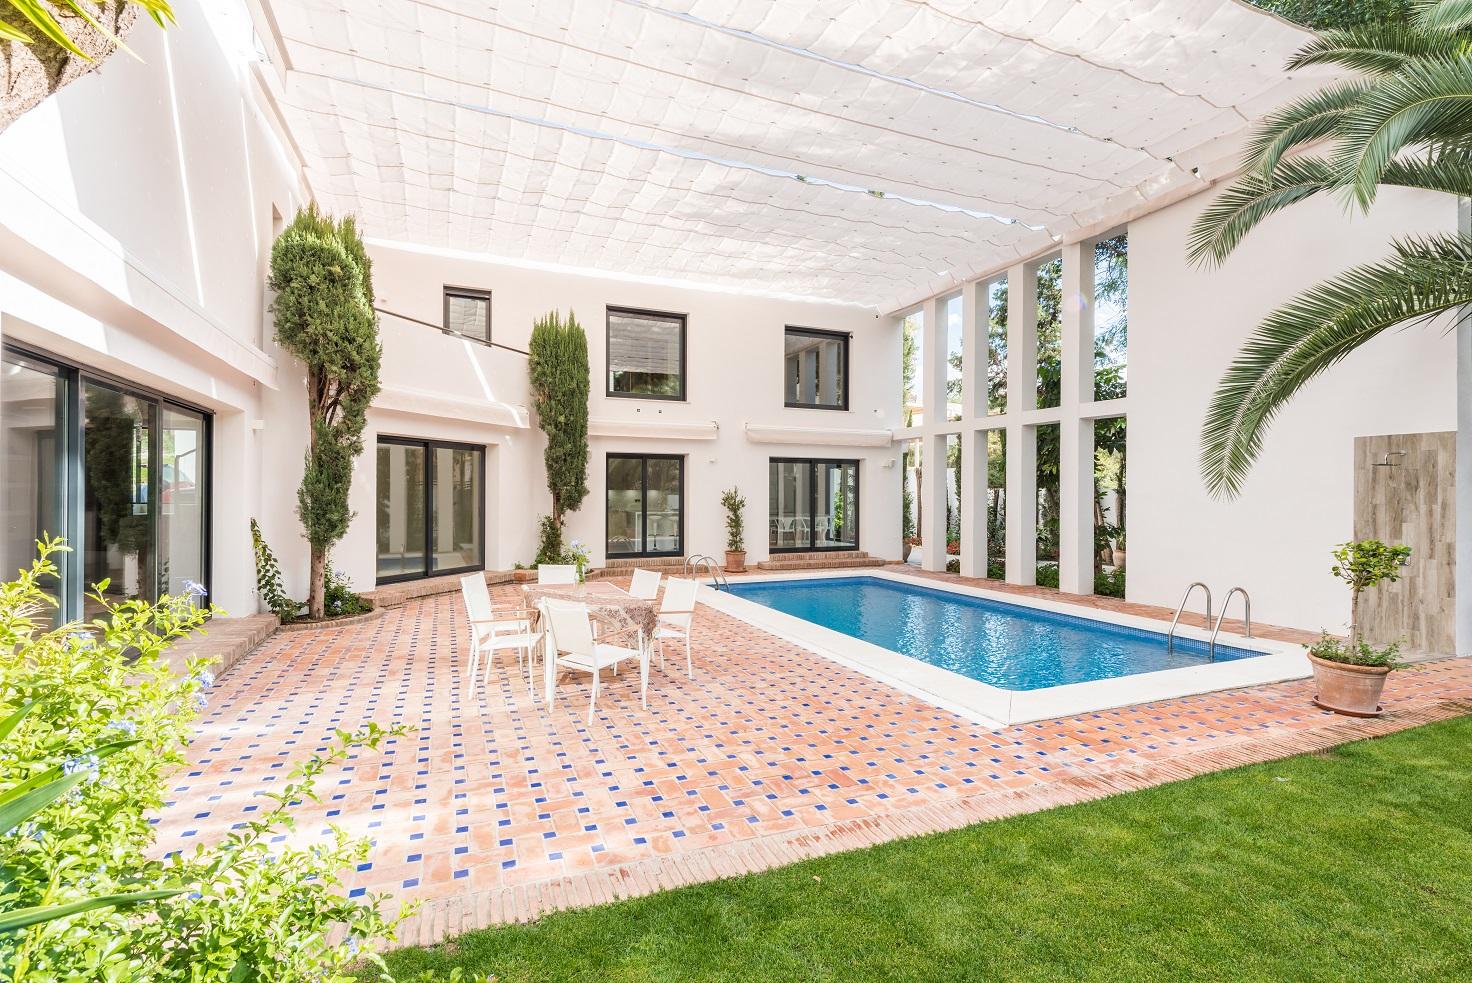 Villa a estrenar de 4 dormitorios en excelente ubicacion en Nueva Andalucia